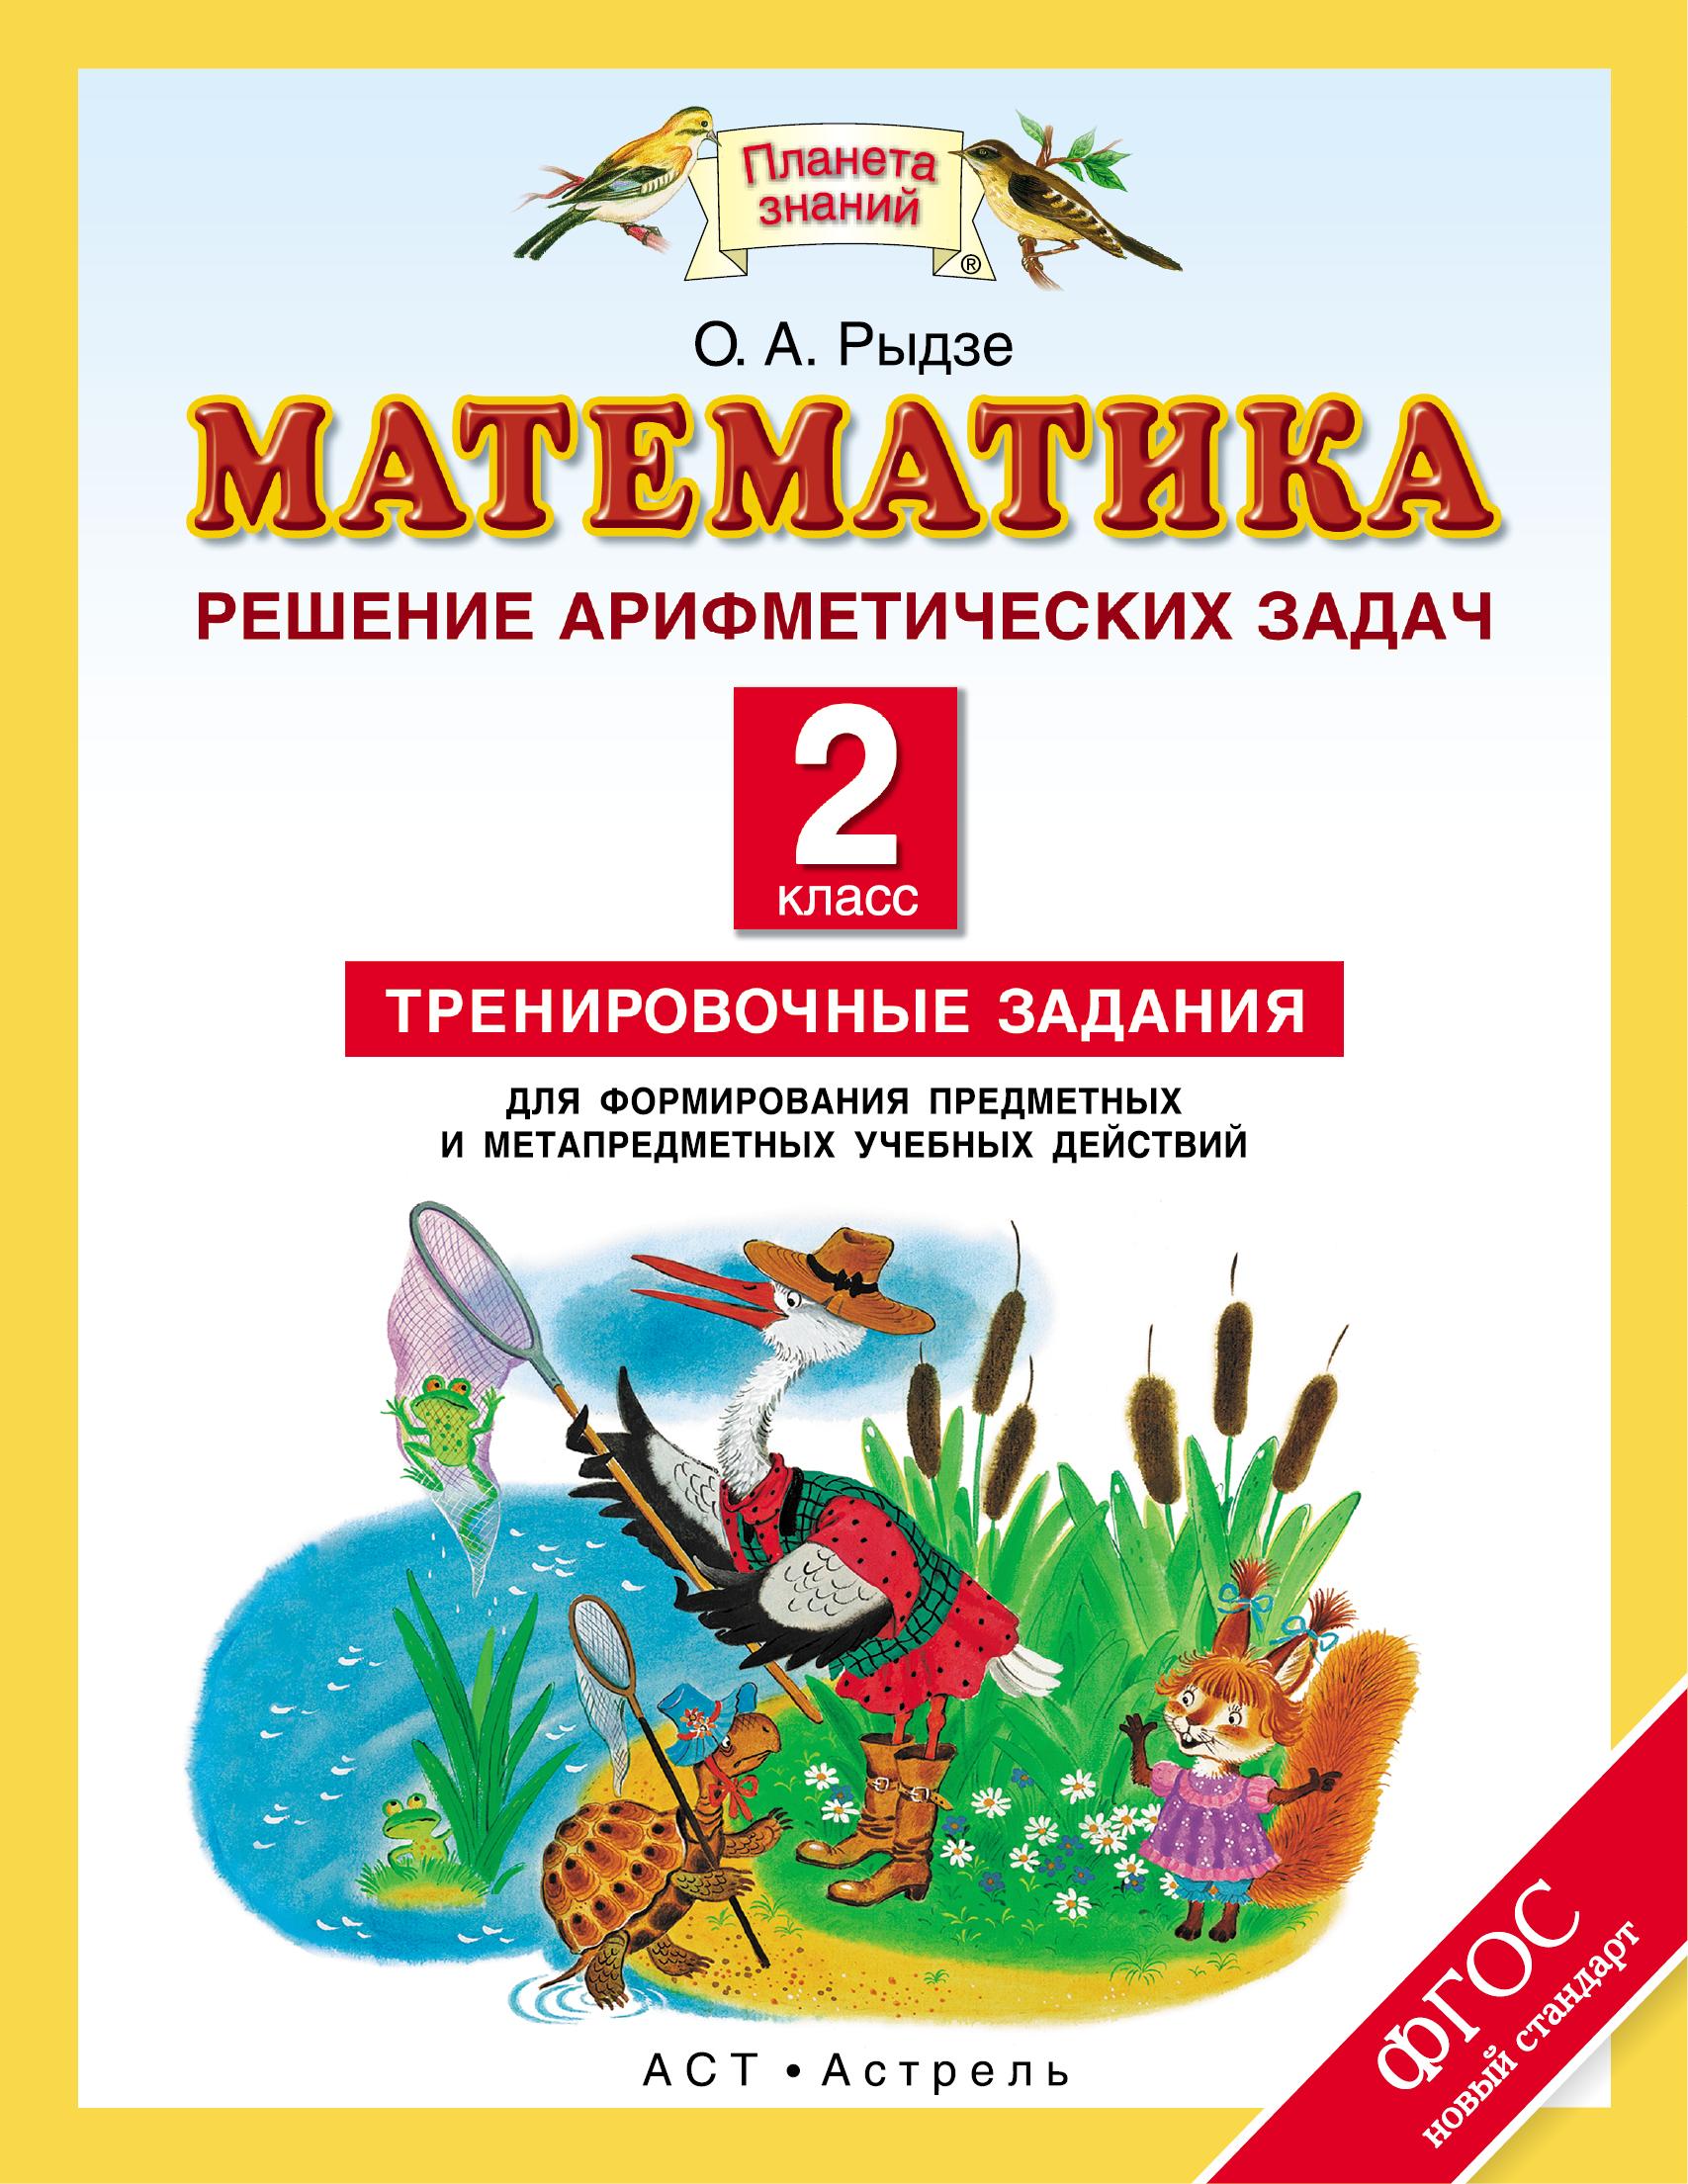 Математика. Арифметические задачи. 2 класс. Тренировочные задания для формирования предметных и метапредметных учебных действий